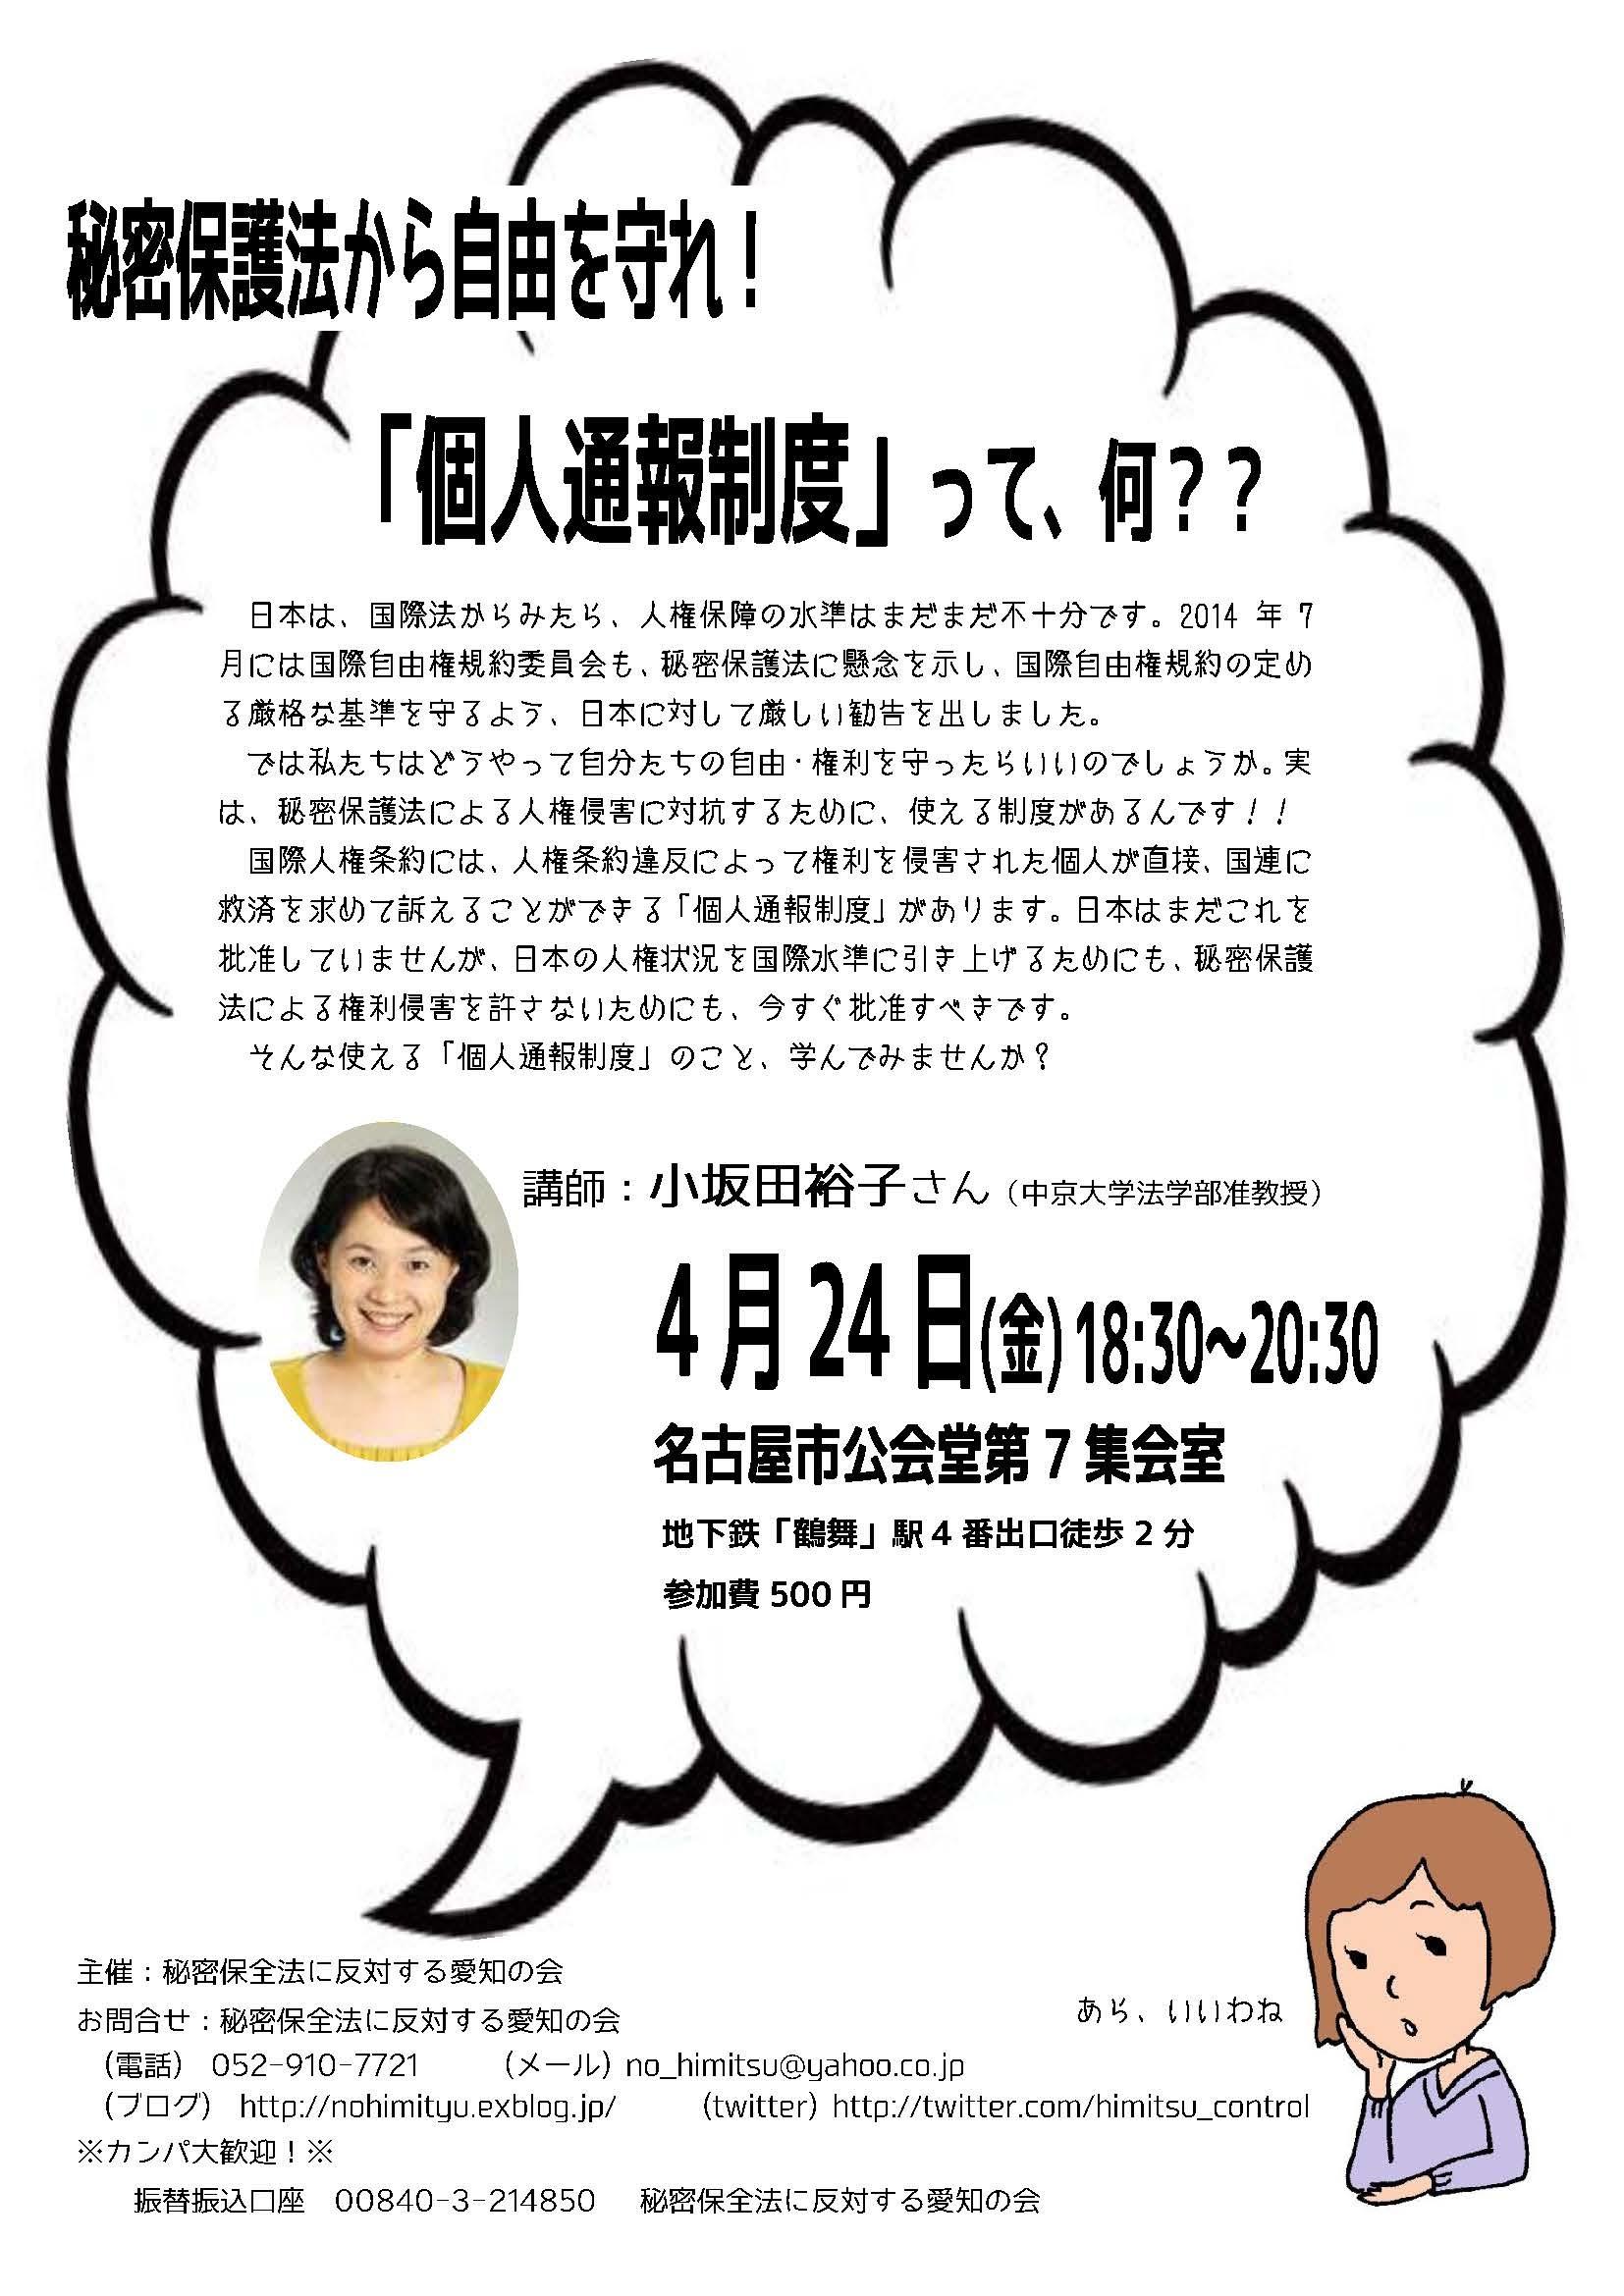 4/24(金)学習会 秘密保護法から自由を守れ!「個人通報制度」って、何?(名古屋)_c0241022_19300706.jpg